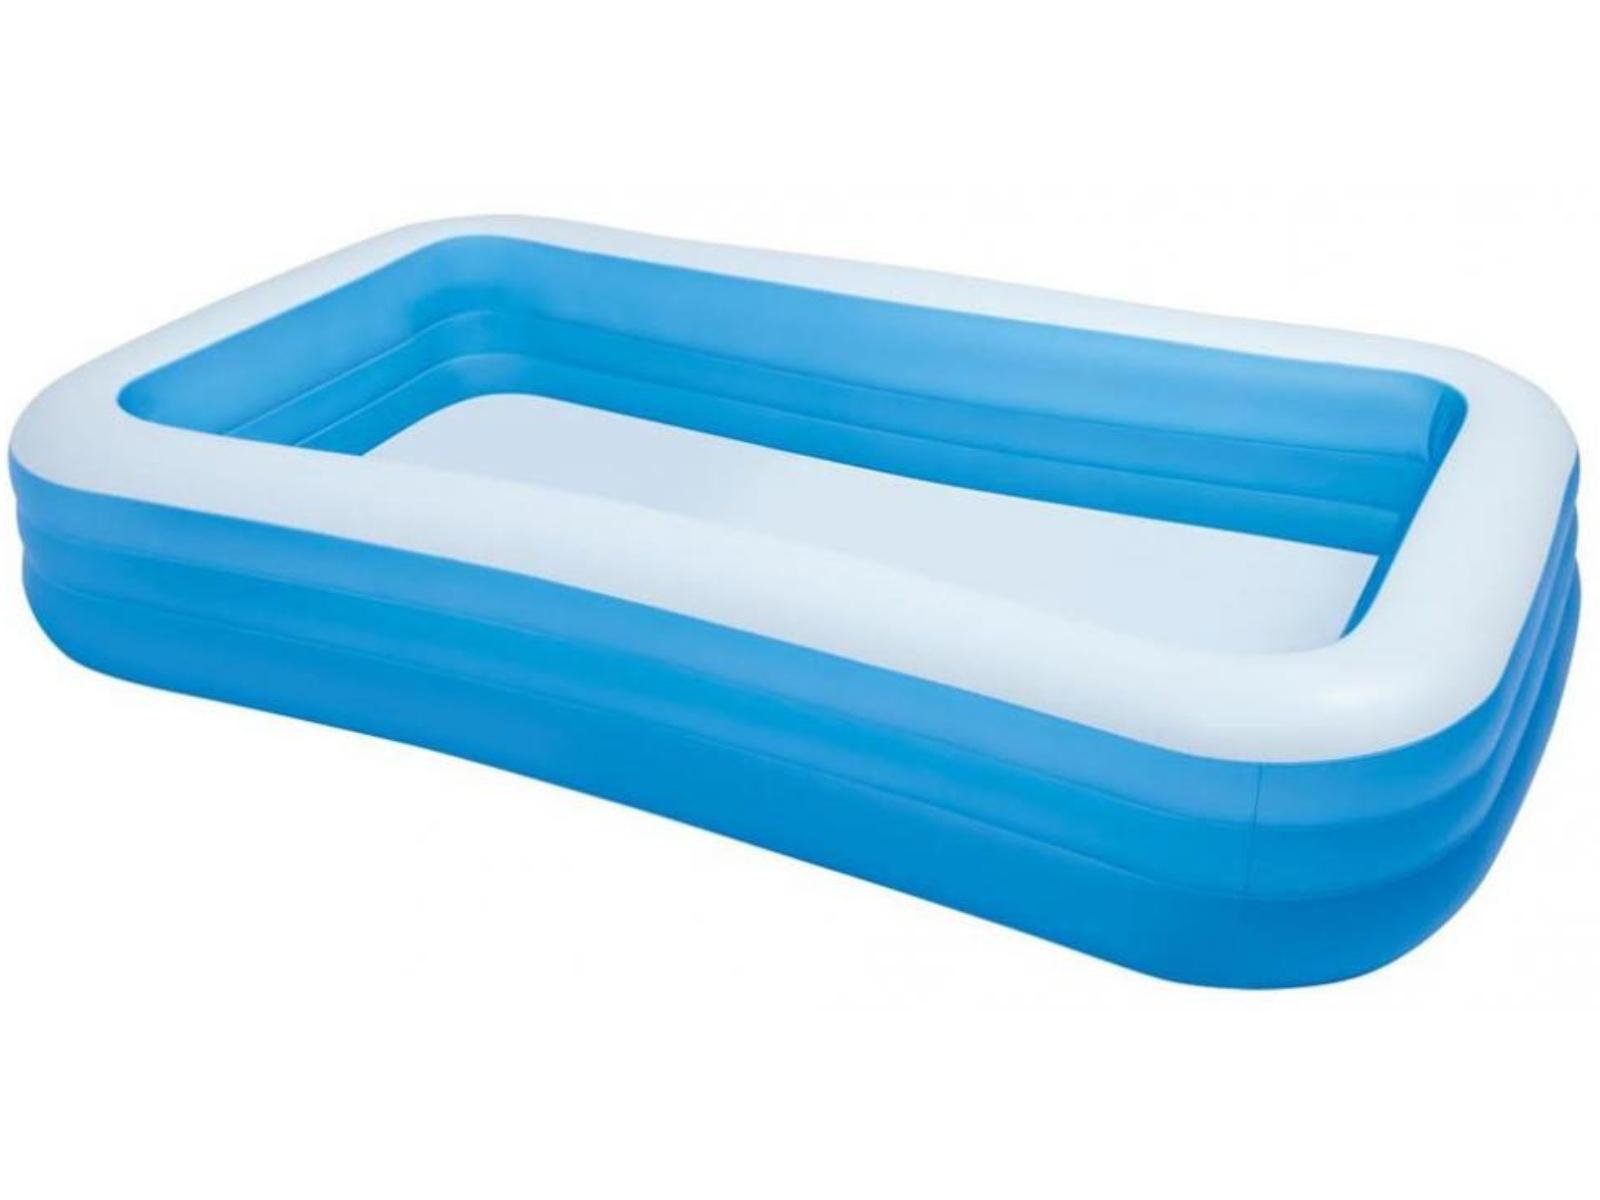 Nafukovací bazén INTEX Family obdélník 305x183x56 cm